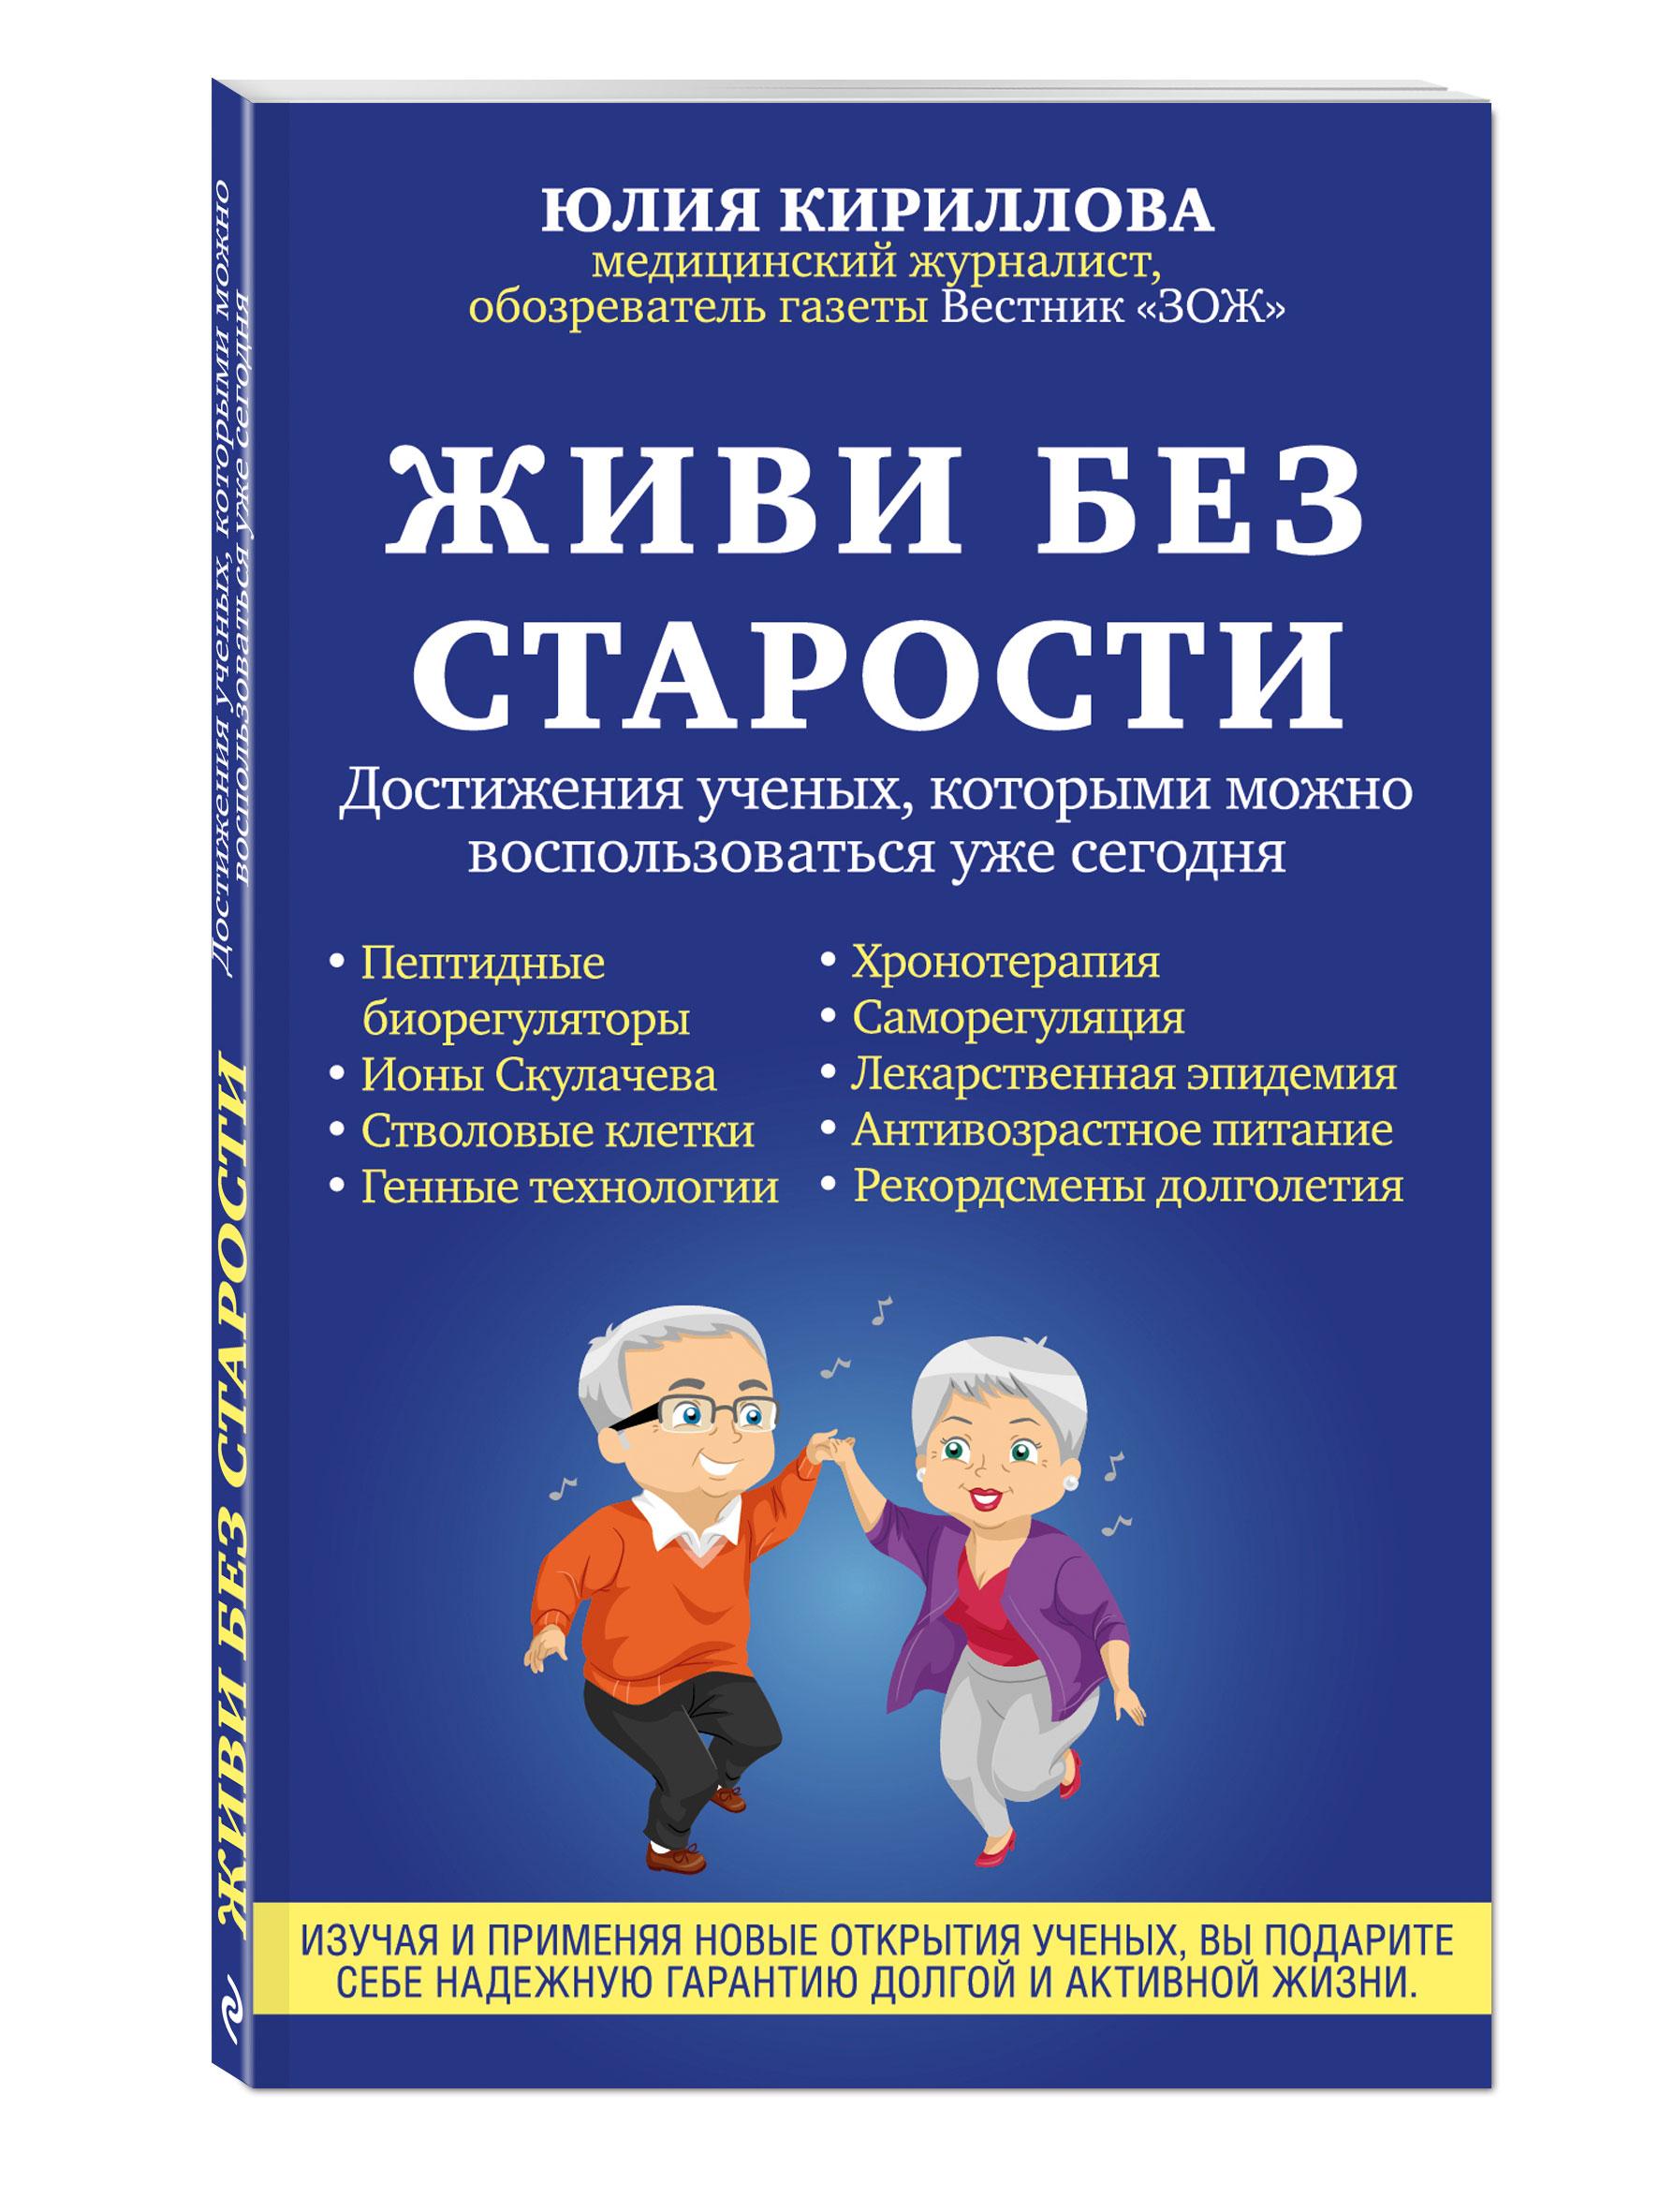 Кириллова Ю.М. Живи без старости. Достижения ученых, которыми можно воспользоваться уже сегодня